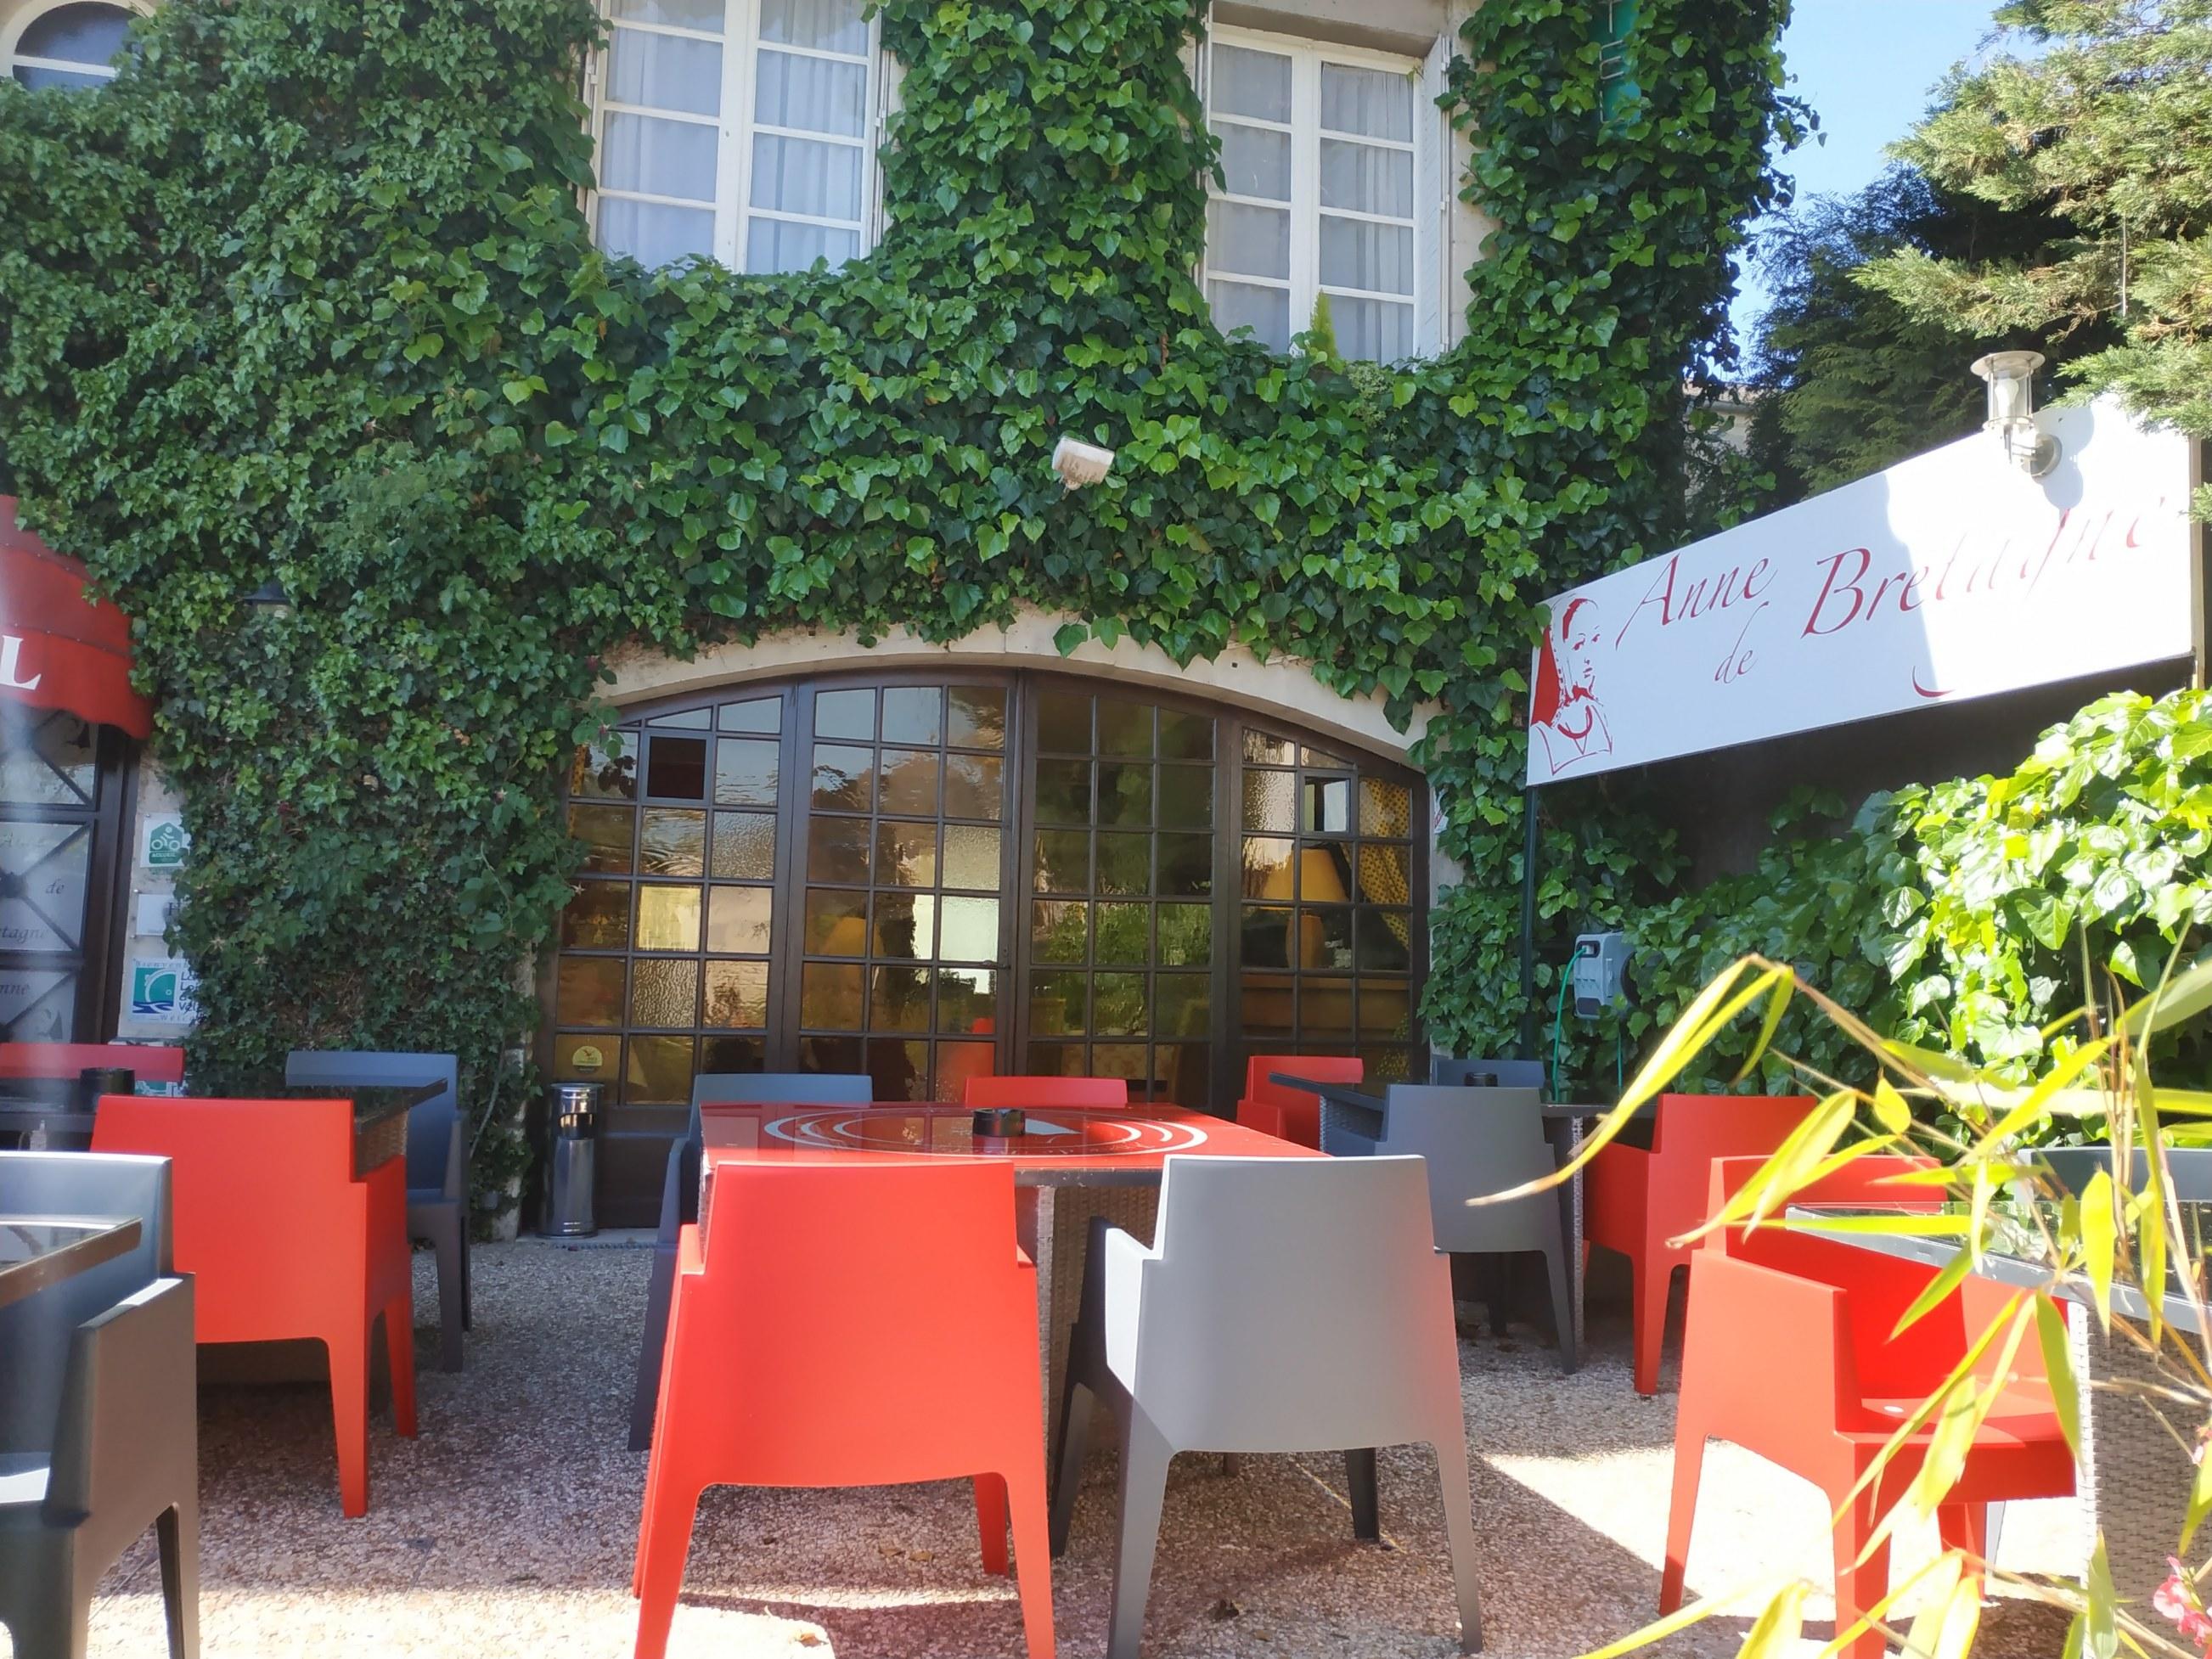 hotel-anne-de-bretagne-blois-trois-etoiles-centre-ville-blois-terrasse-ensoleillée